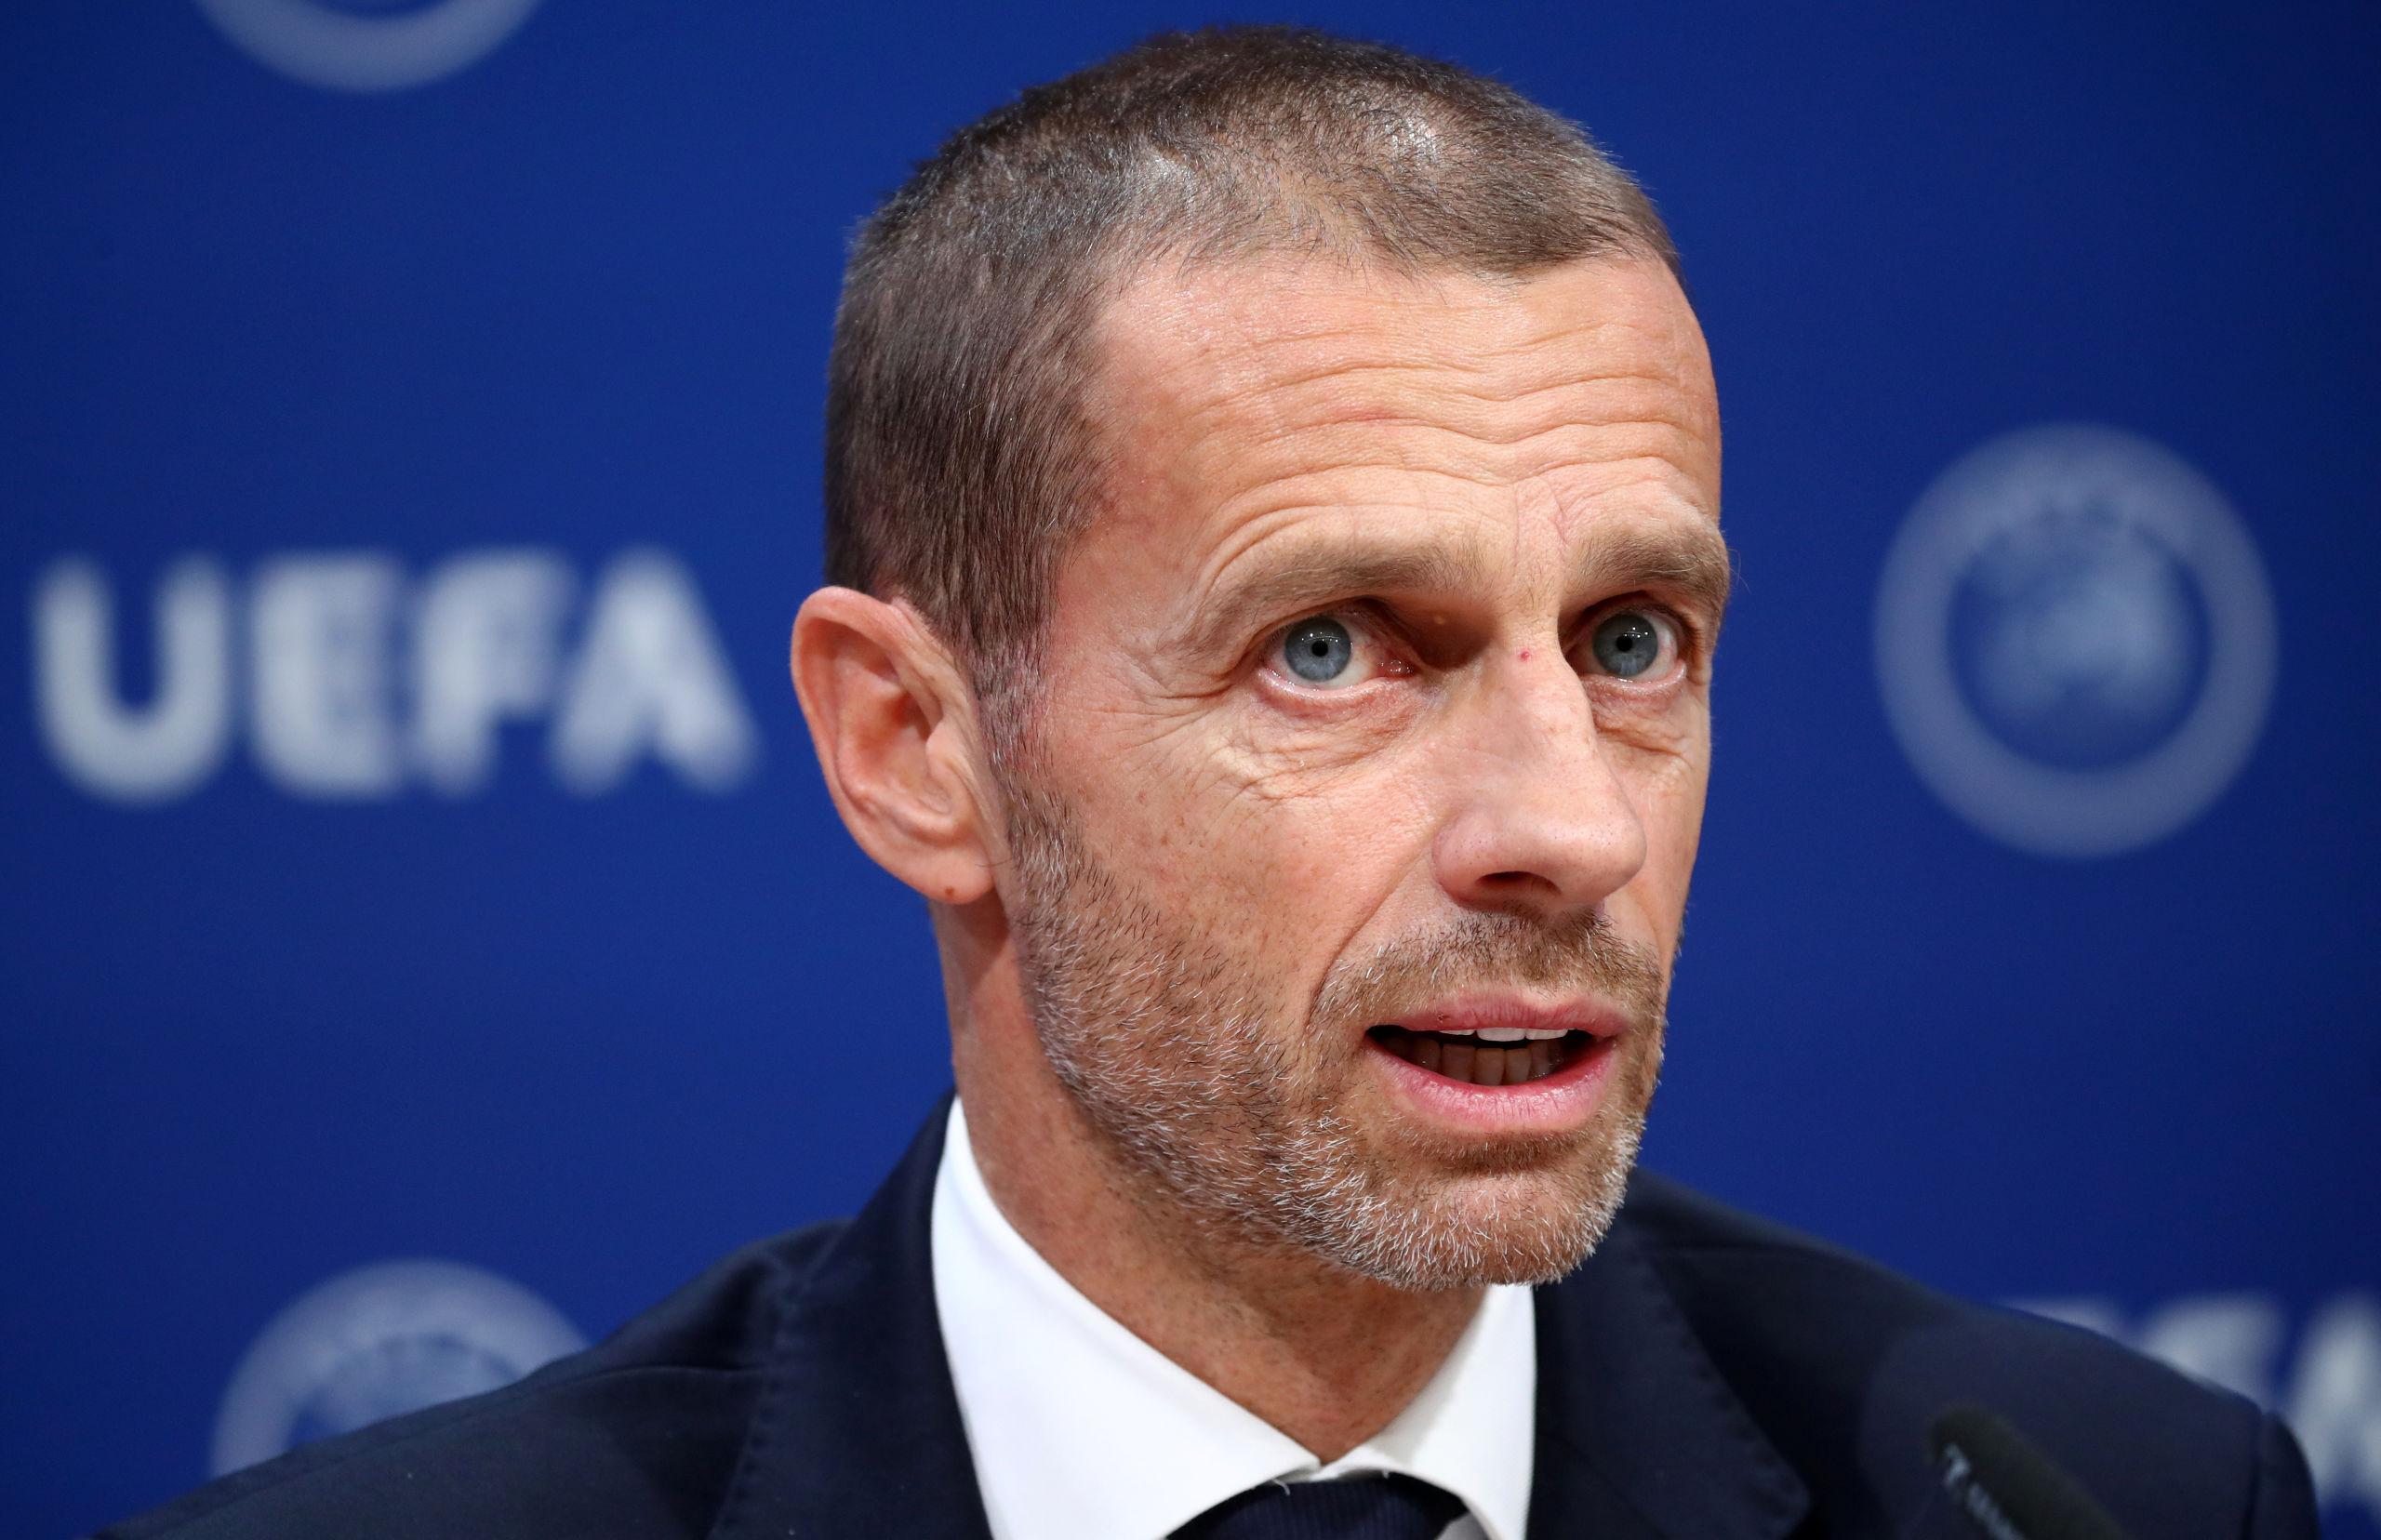 Uefa-presidenten Aleksander Ceferin tror inte fotbollen förändras av coronaviruset